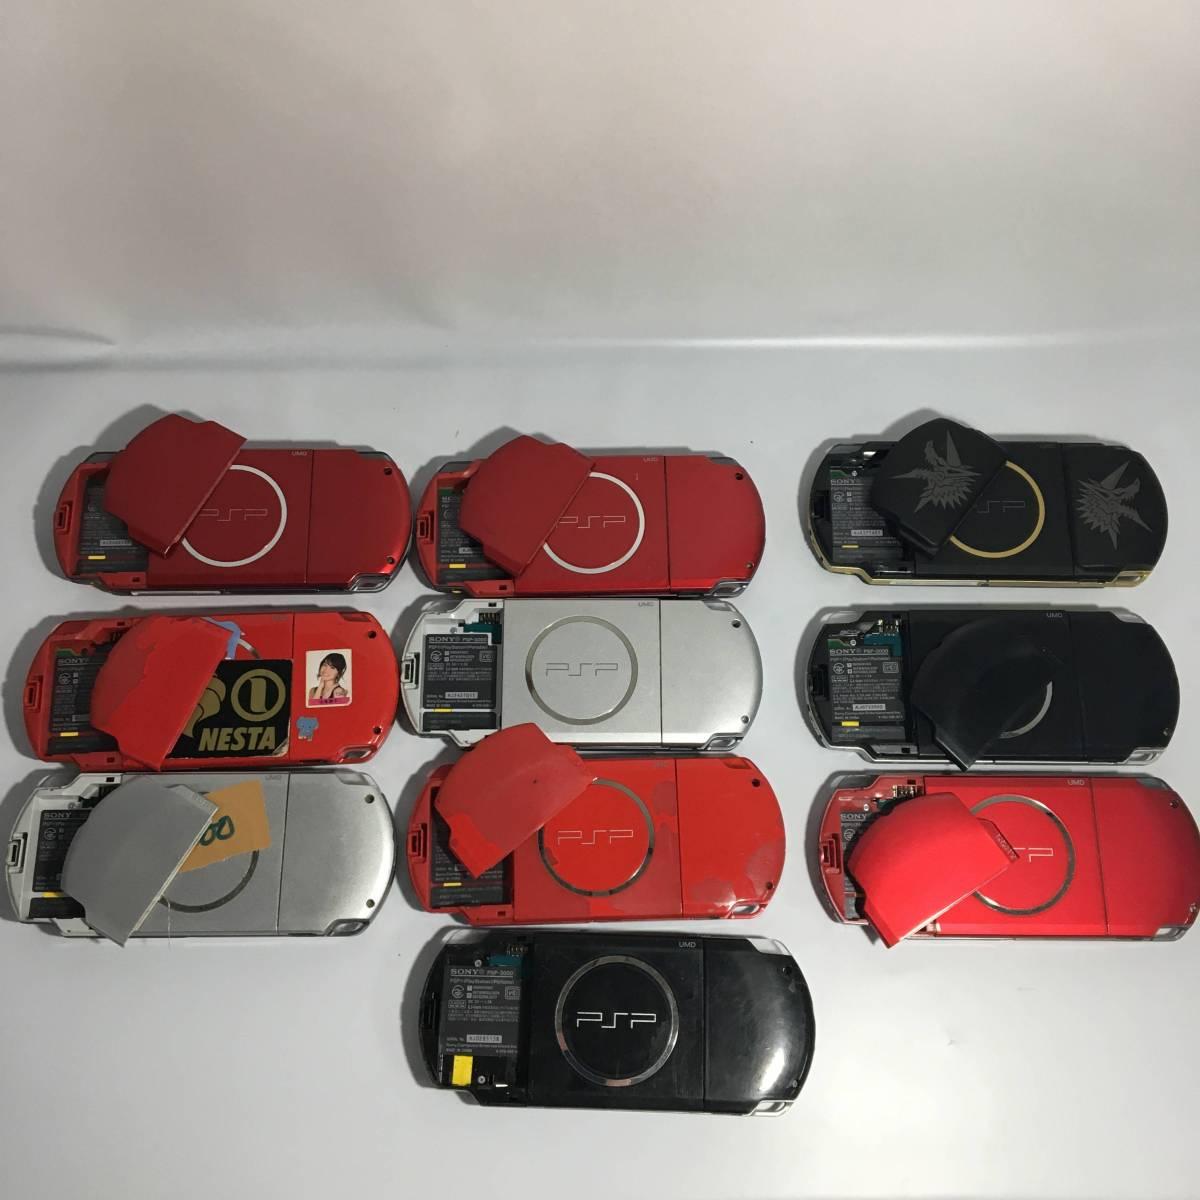 【ジャンク】PSP 本体 まとめ セット 1000 2000 3000 計22台 中古 ゲーム機 ソフト_画像3